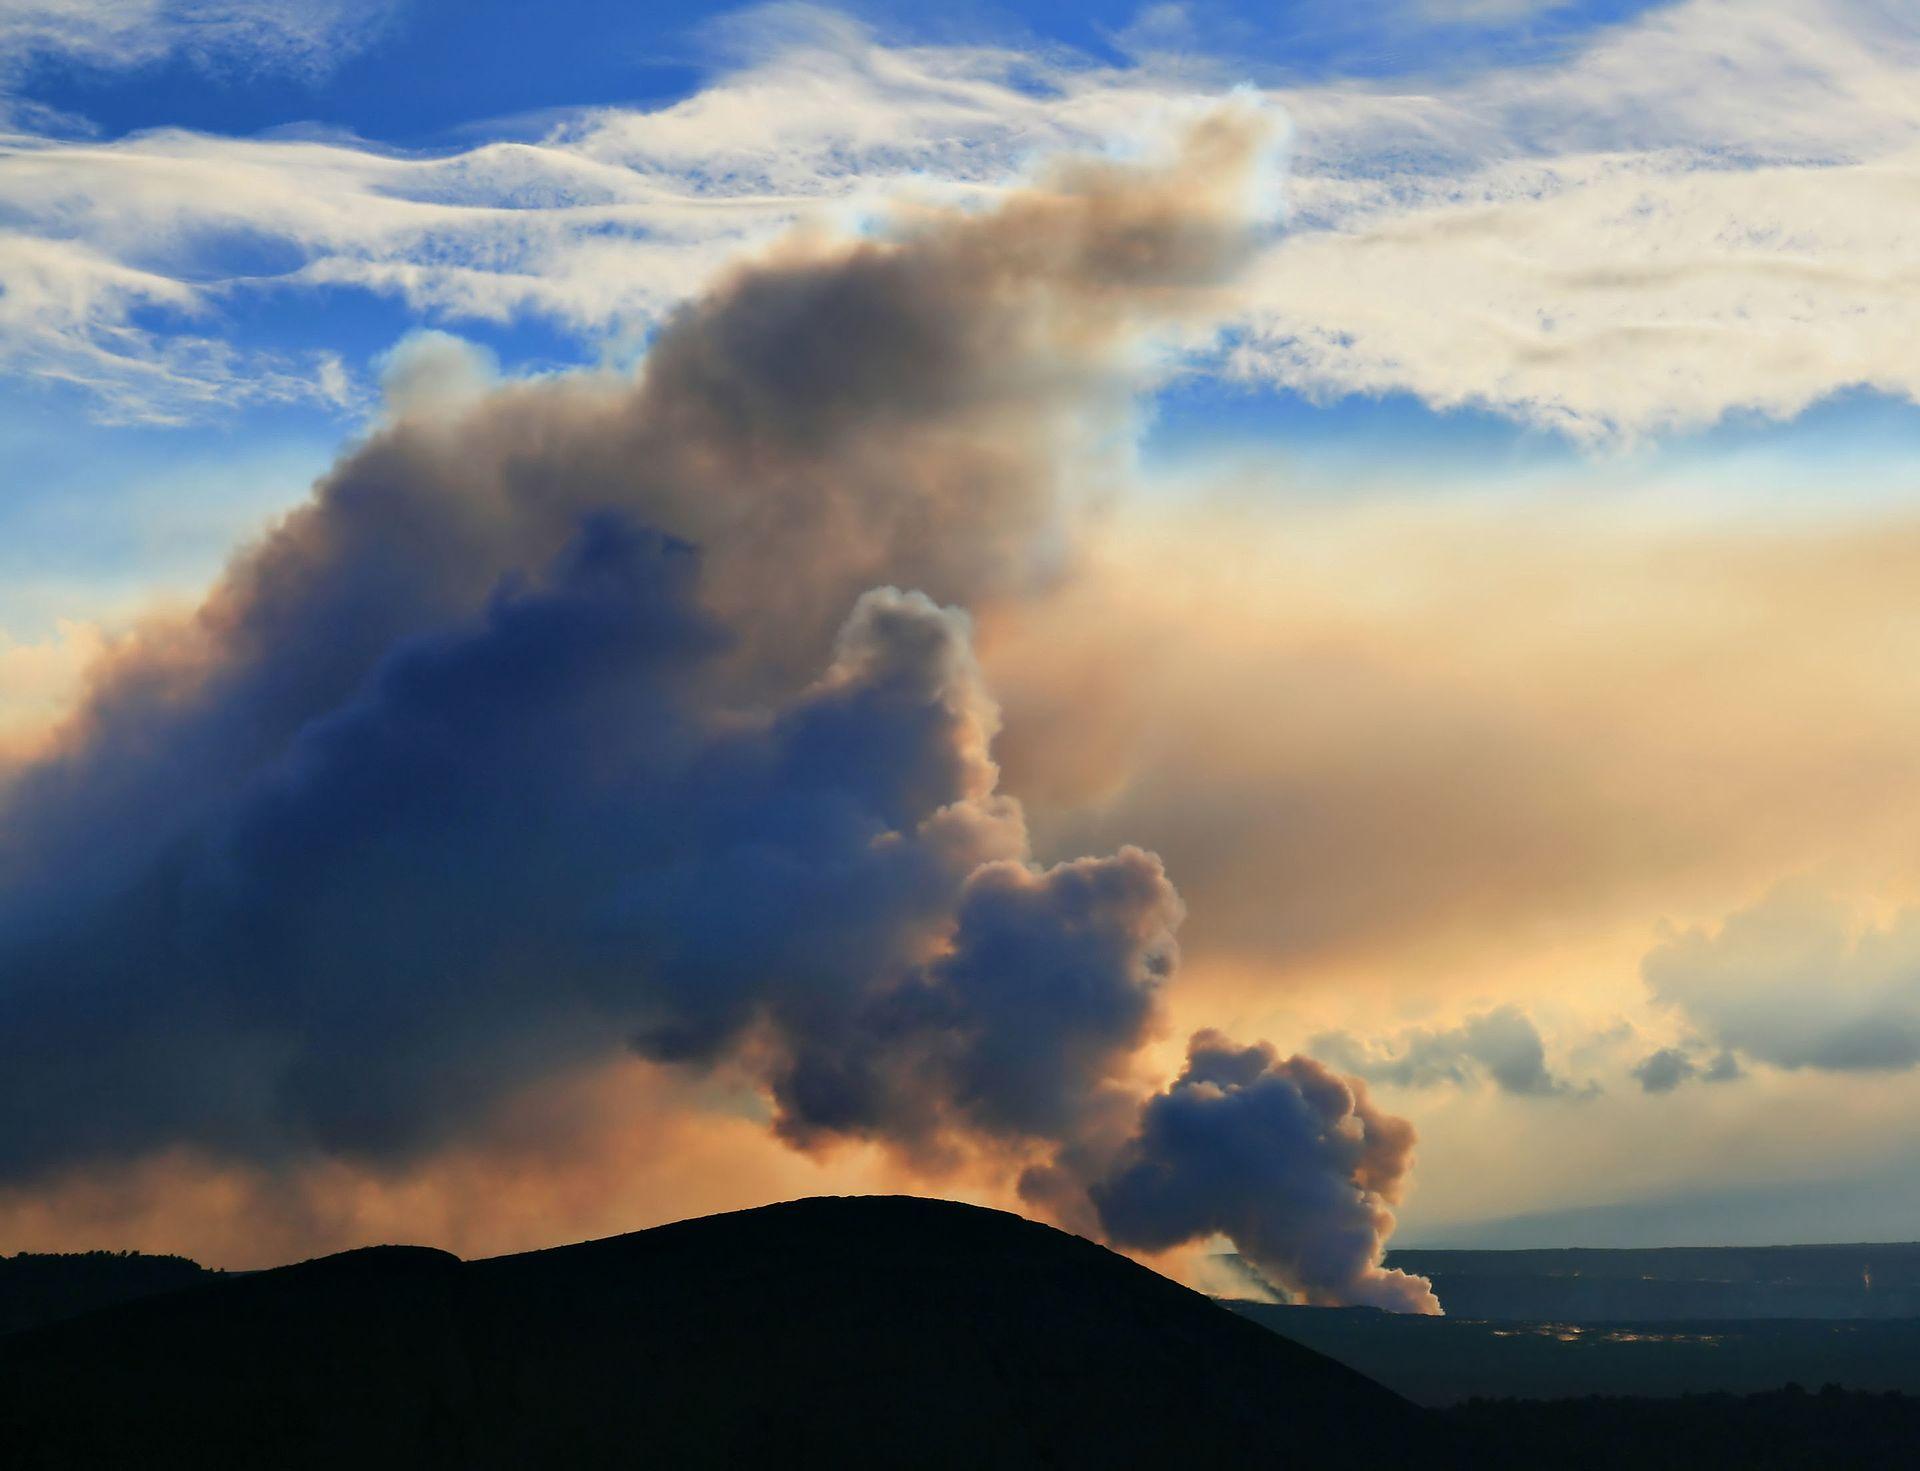 Vog_from_Sulfur_dioxide_emissions-1.jpg